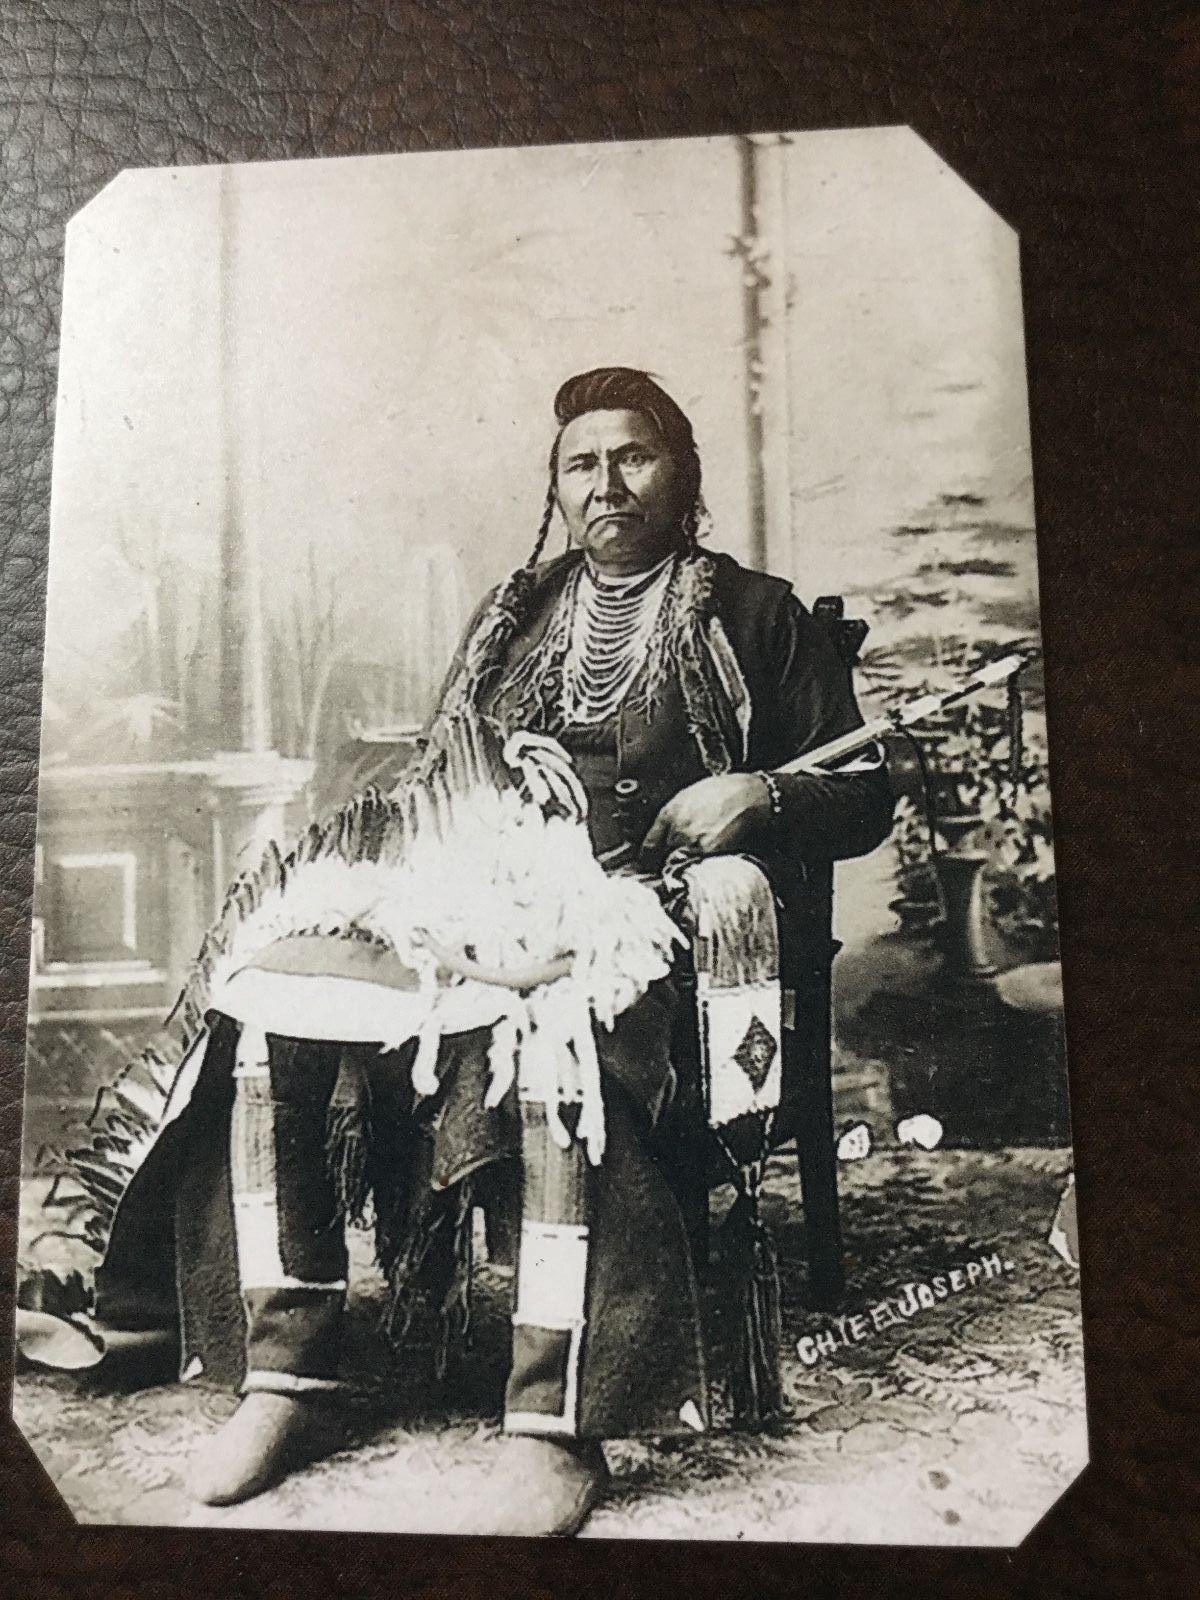 Native American Chief Joseph